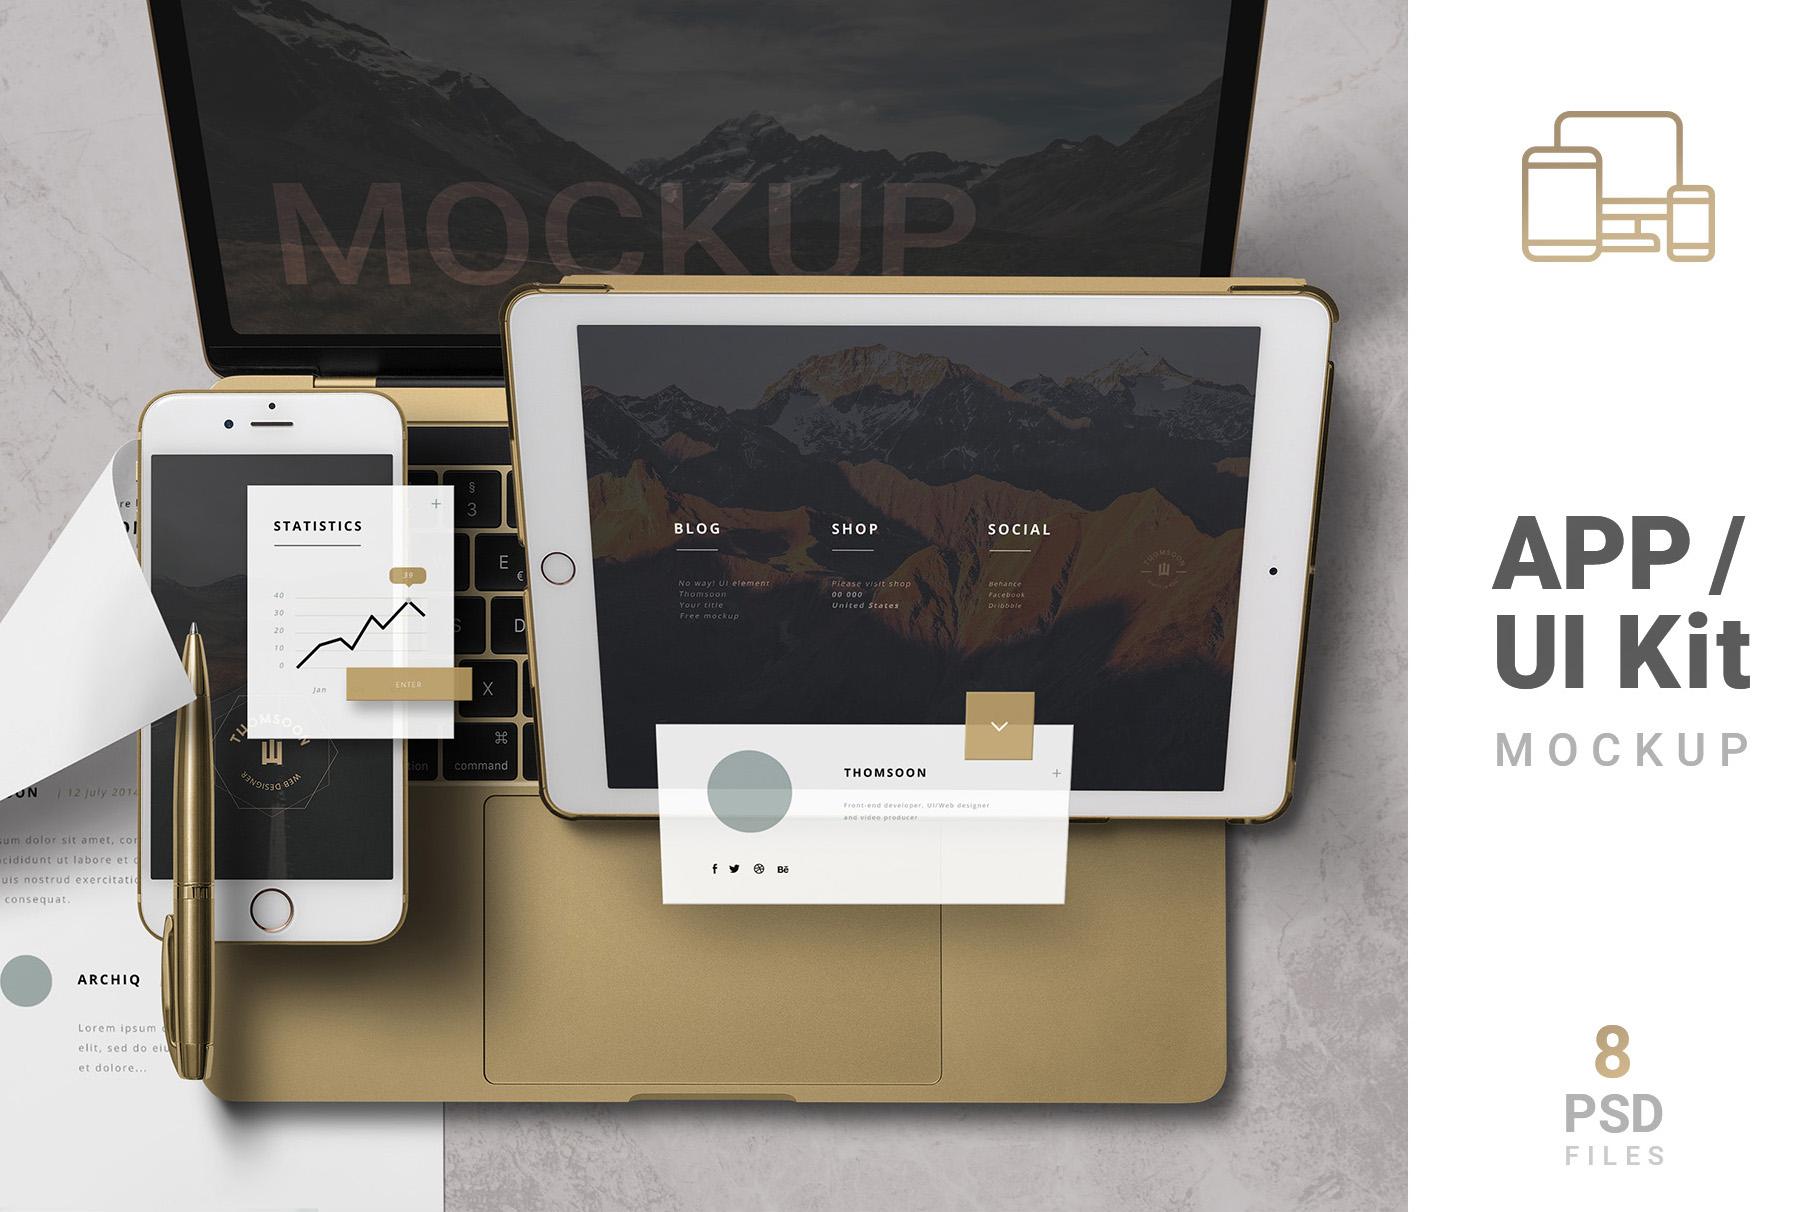 App / UI Kit Mockups example image 1